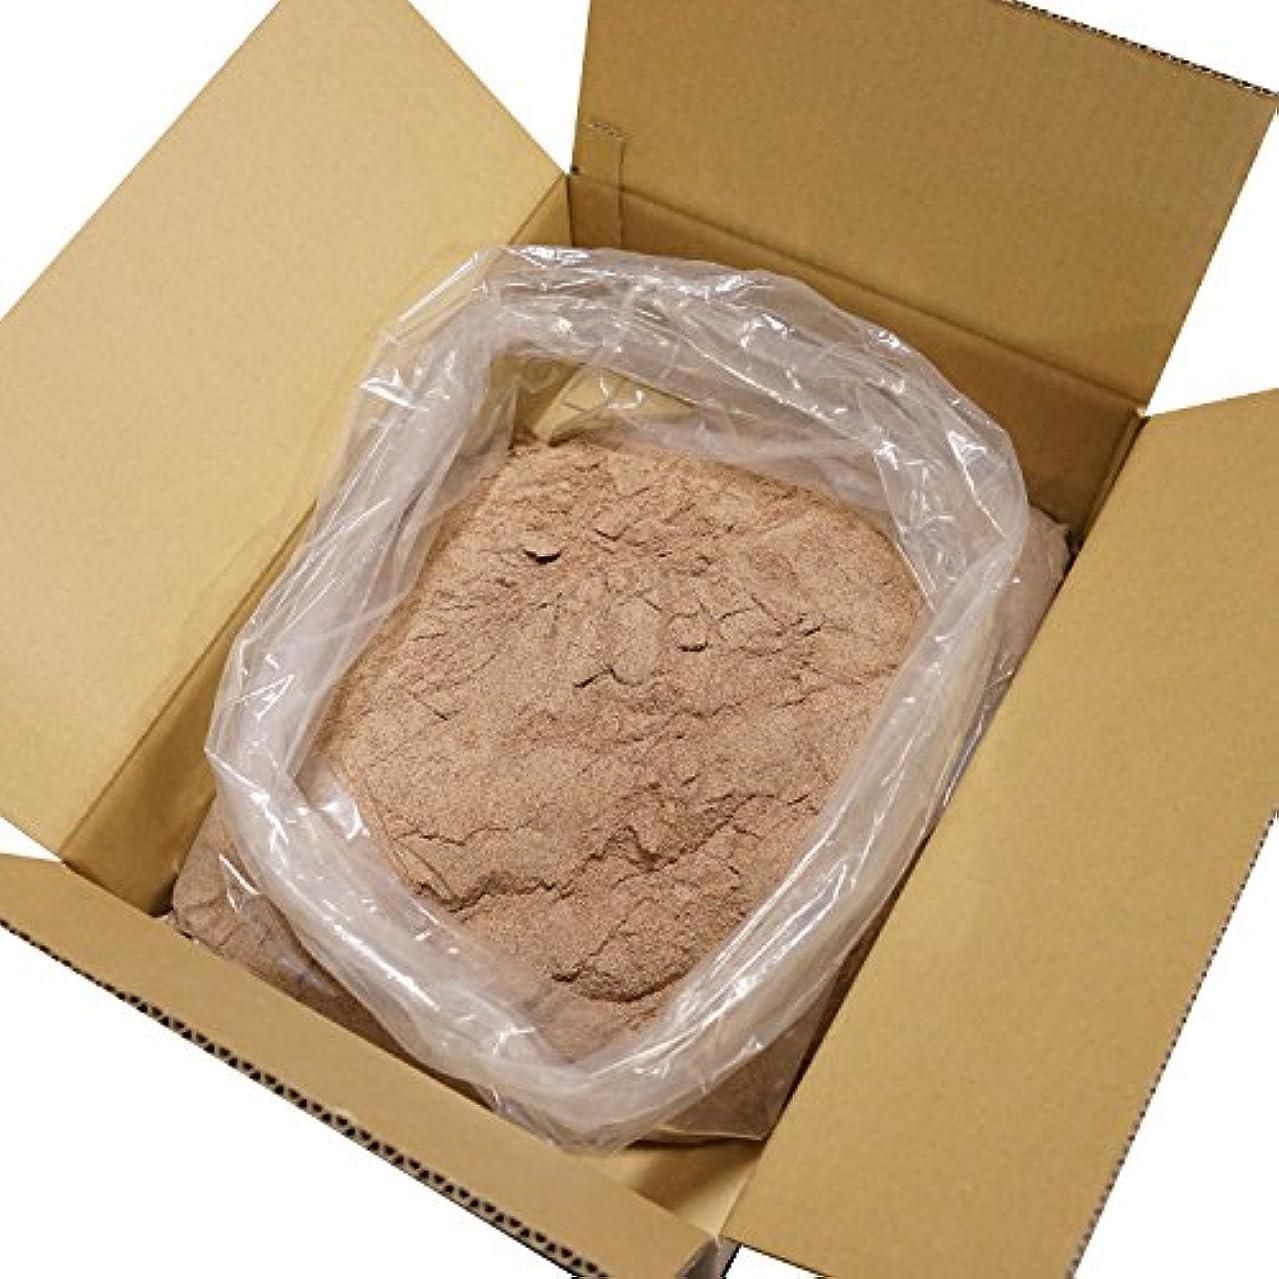 悪化する仲人寄託ヒマラヤ 岩塩 ブラック パウダー 細粒タイプ 業務用 原料 (5kg)